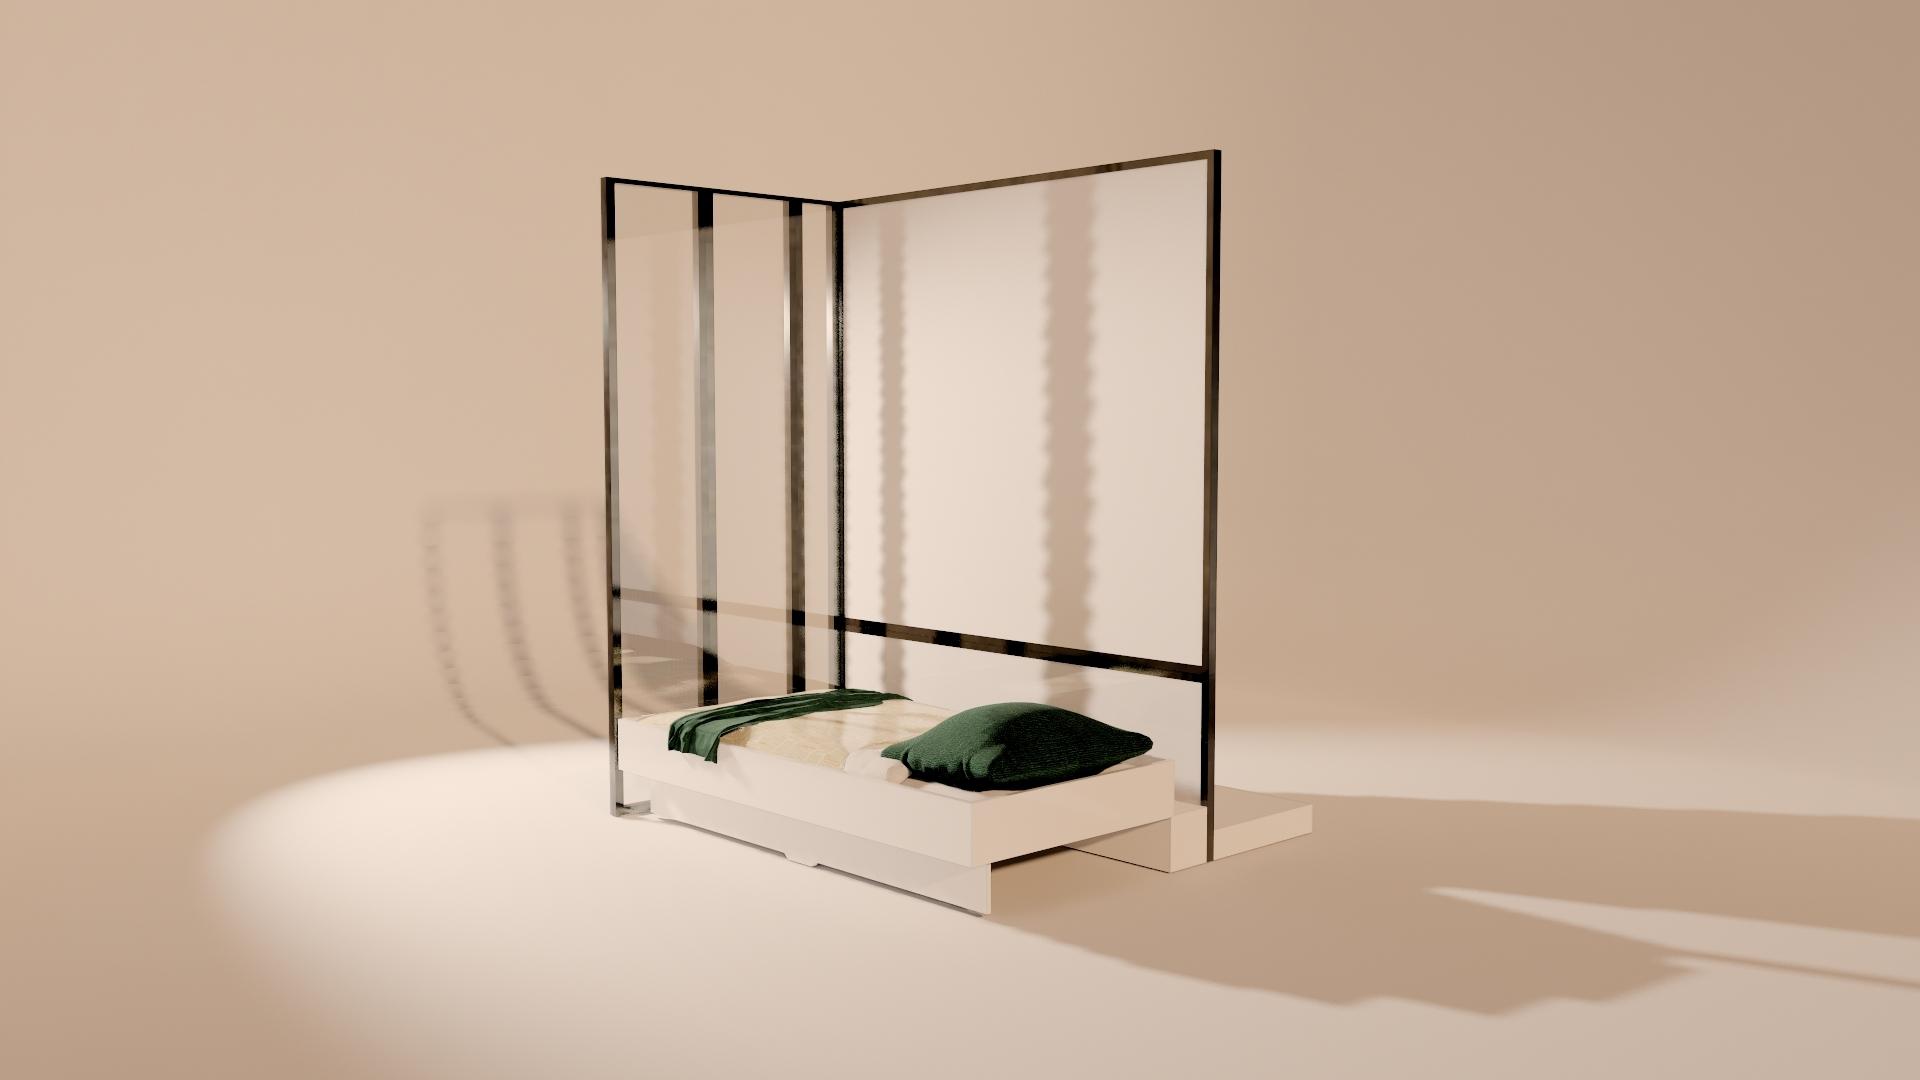 cloison-portefeuille-lit-1-places-produit-designer-interieur-frederic-tabary